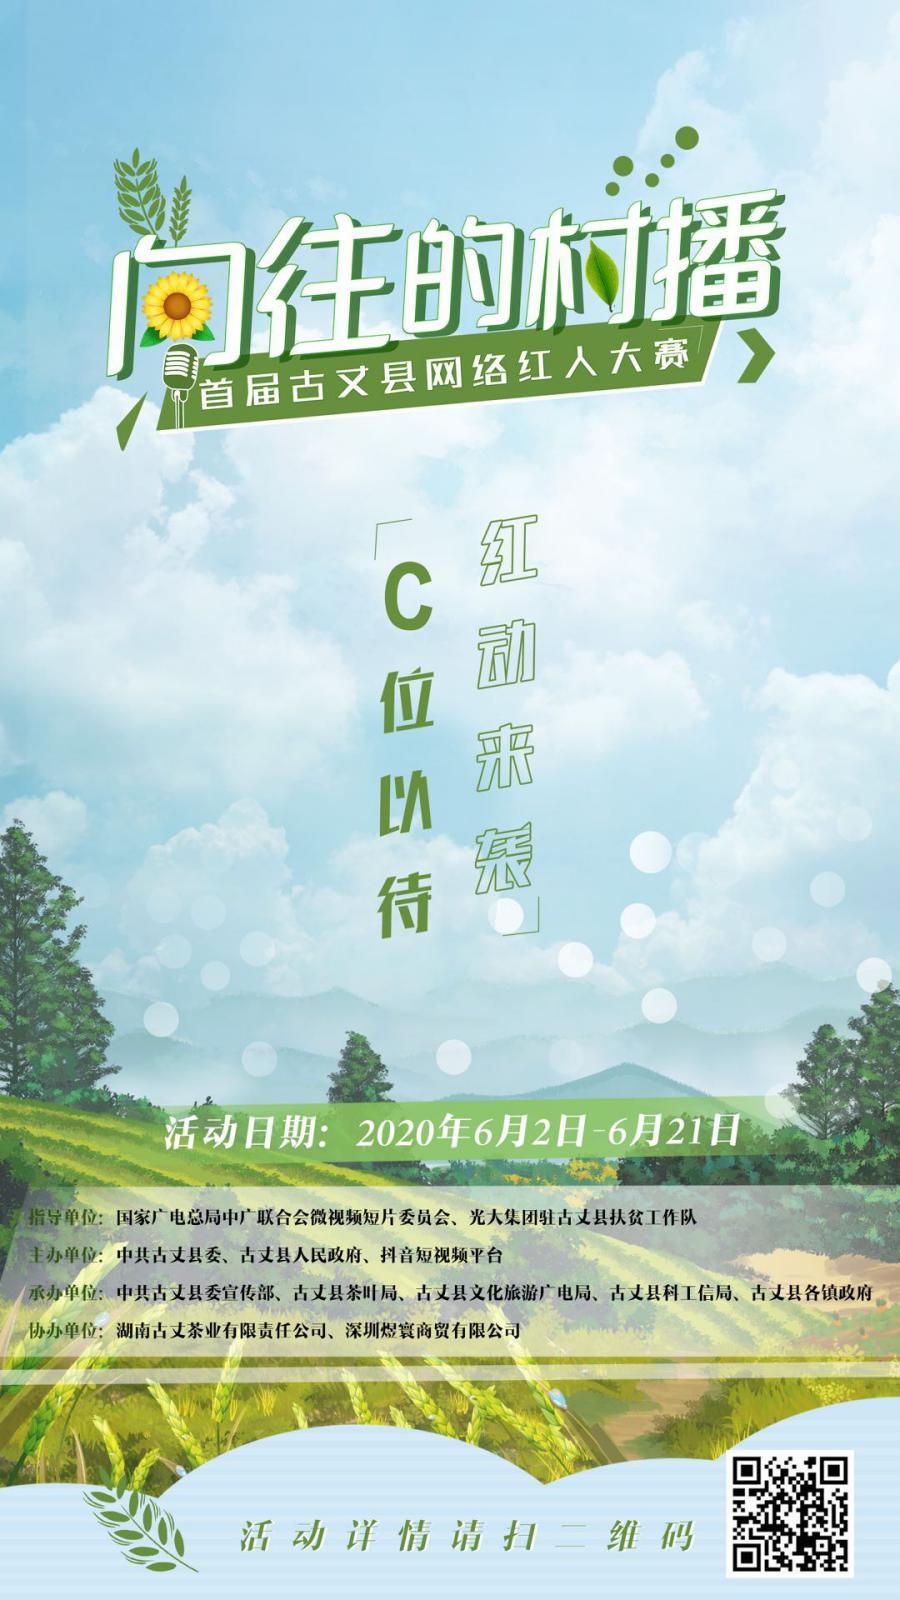 首届湖南古丈县《向往的村播》网络红人大赛报名开始啦